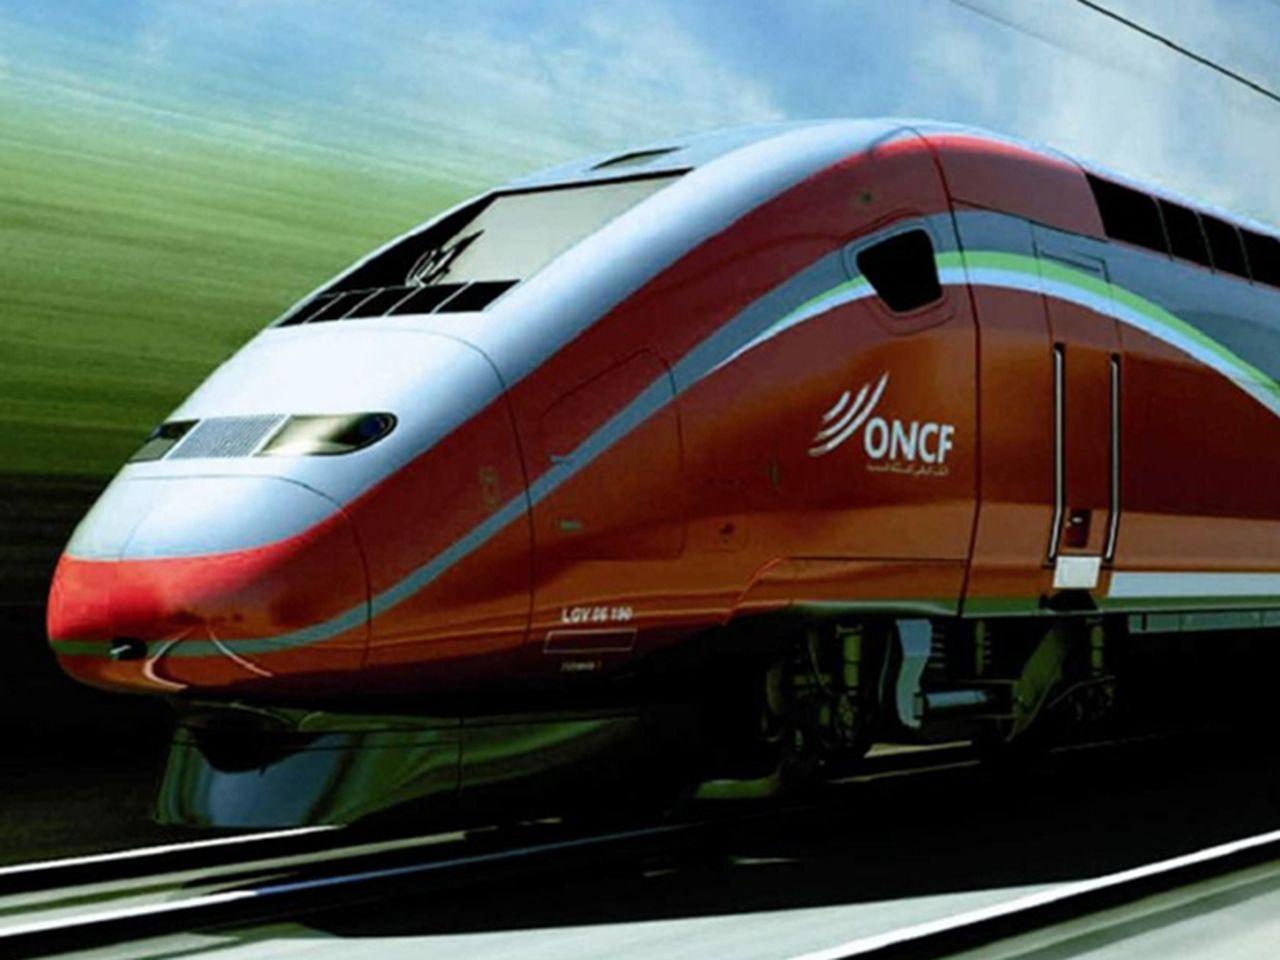 Imagen del futuro TGV de Marruecos. Foto: Vonattal? Természetesen!.